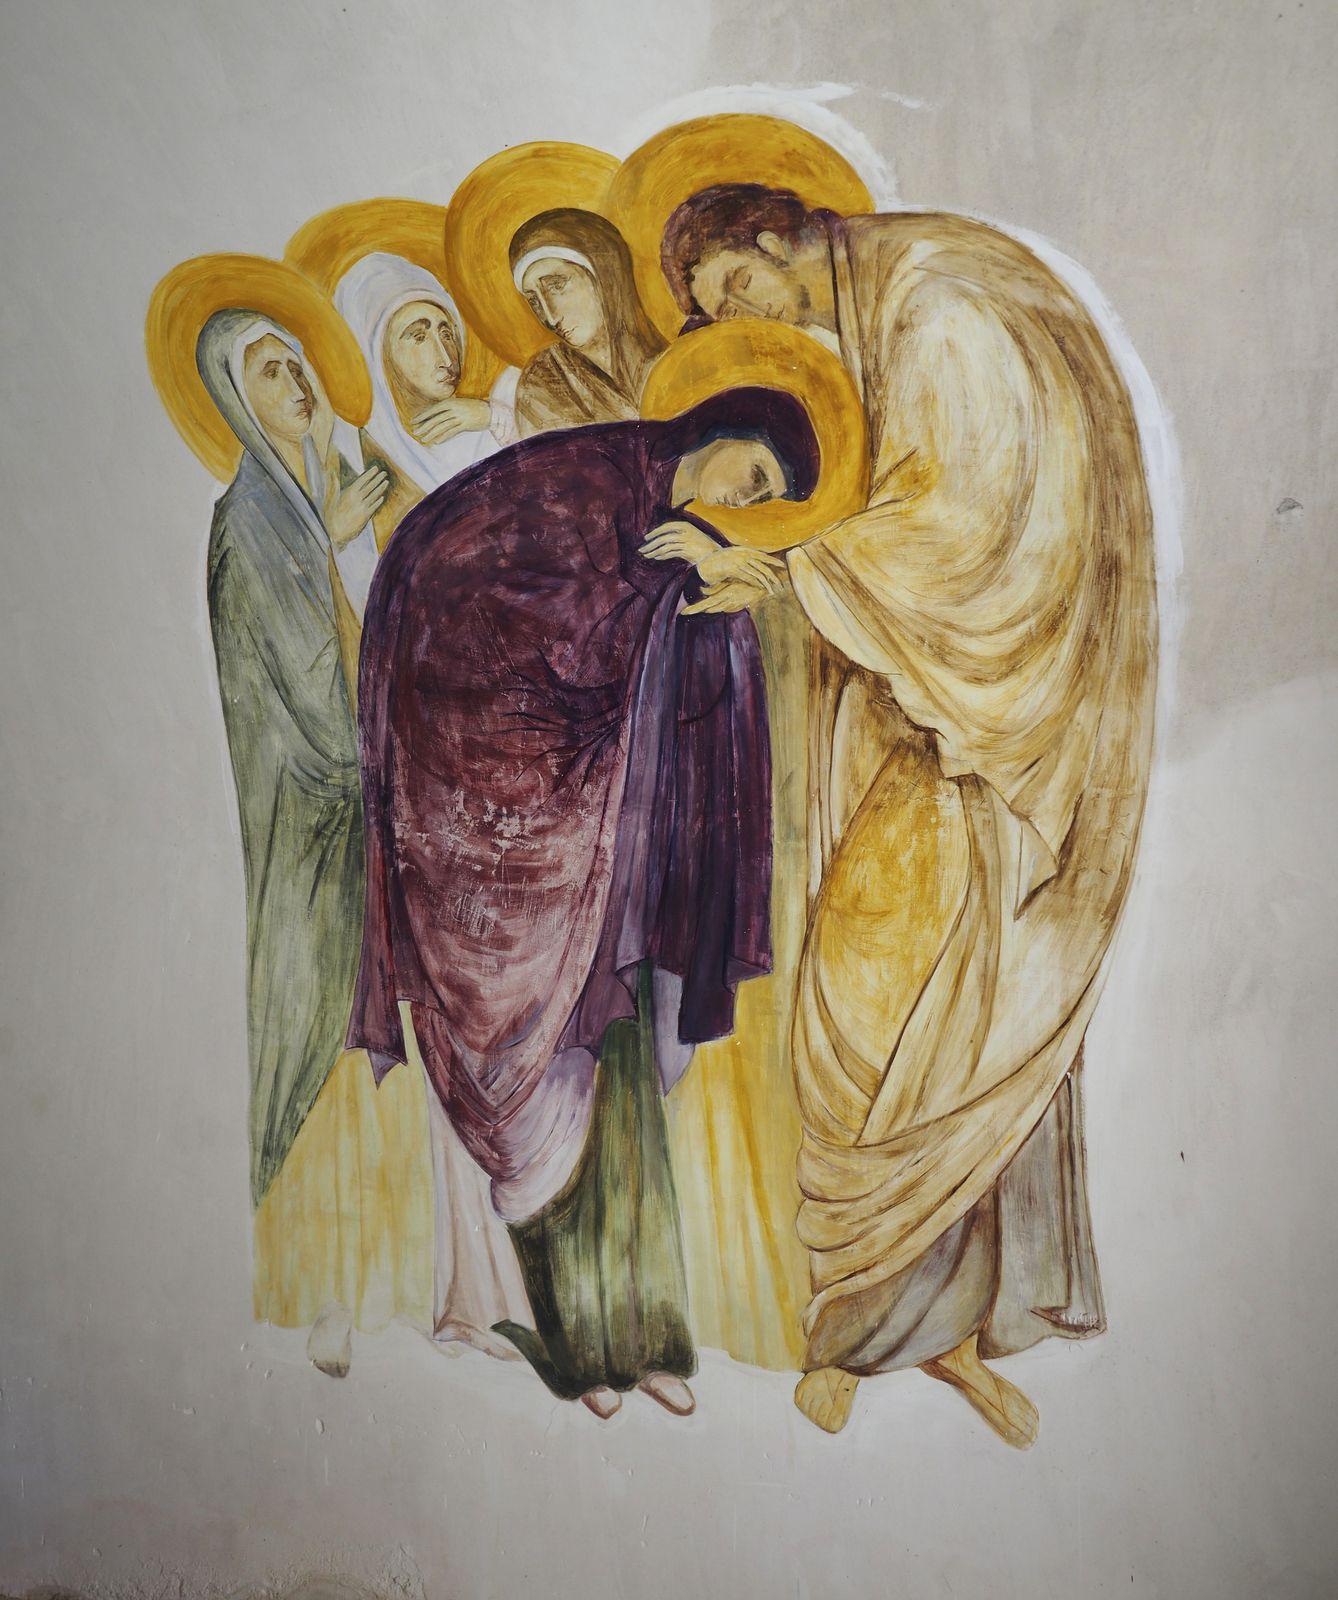 L'intérieur de la chapelle a été restaurée, et notamment cette fresque.